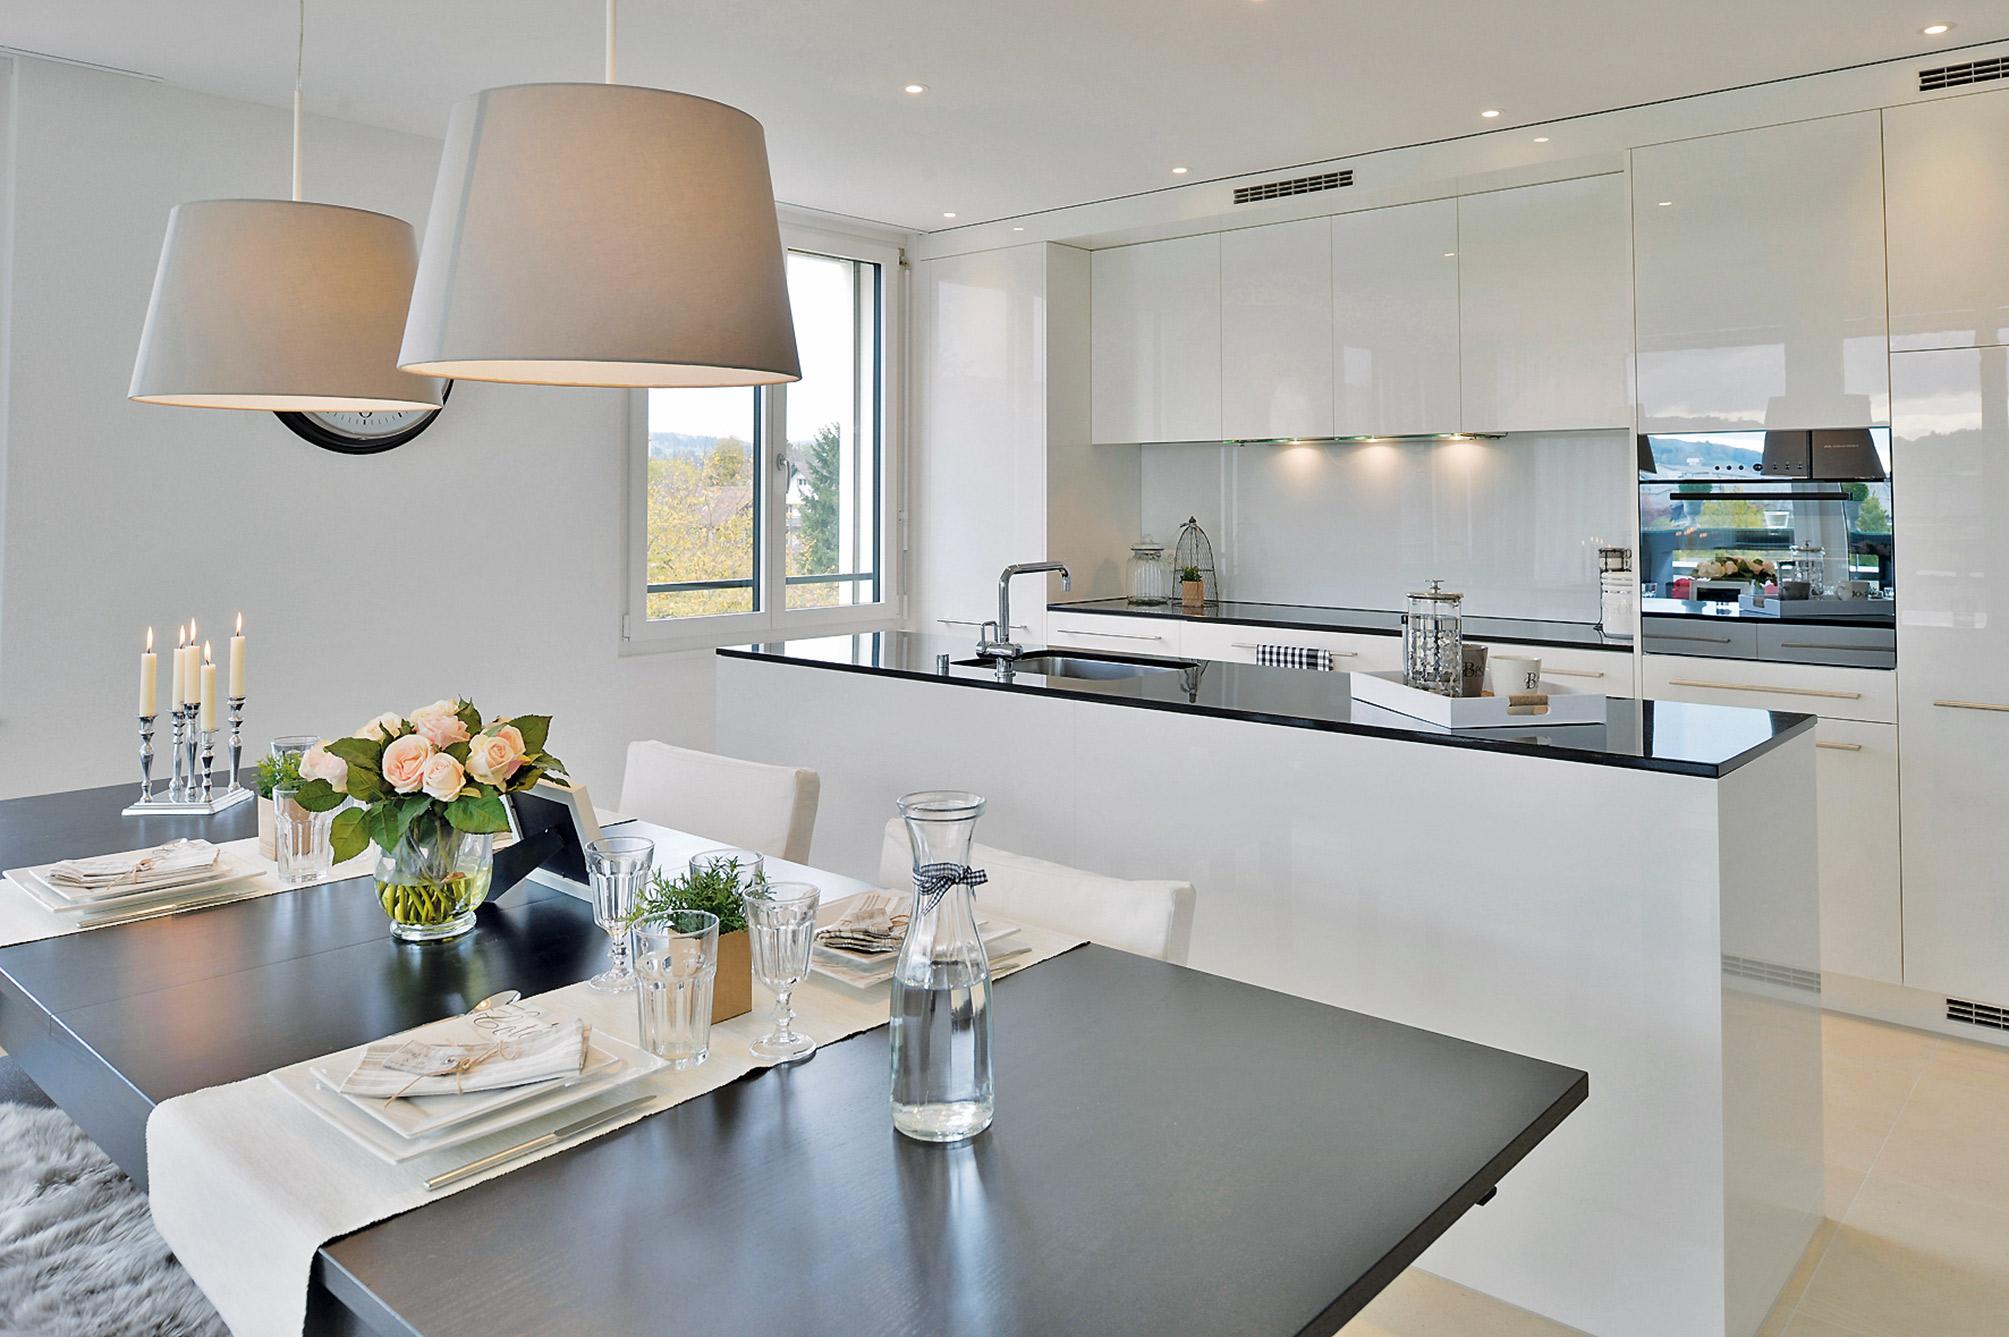 Astor bringt hochglanz in die küche – rontaler.ch